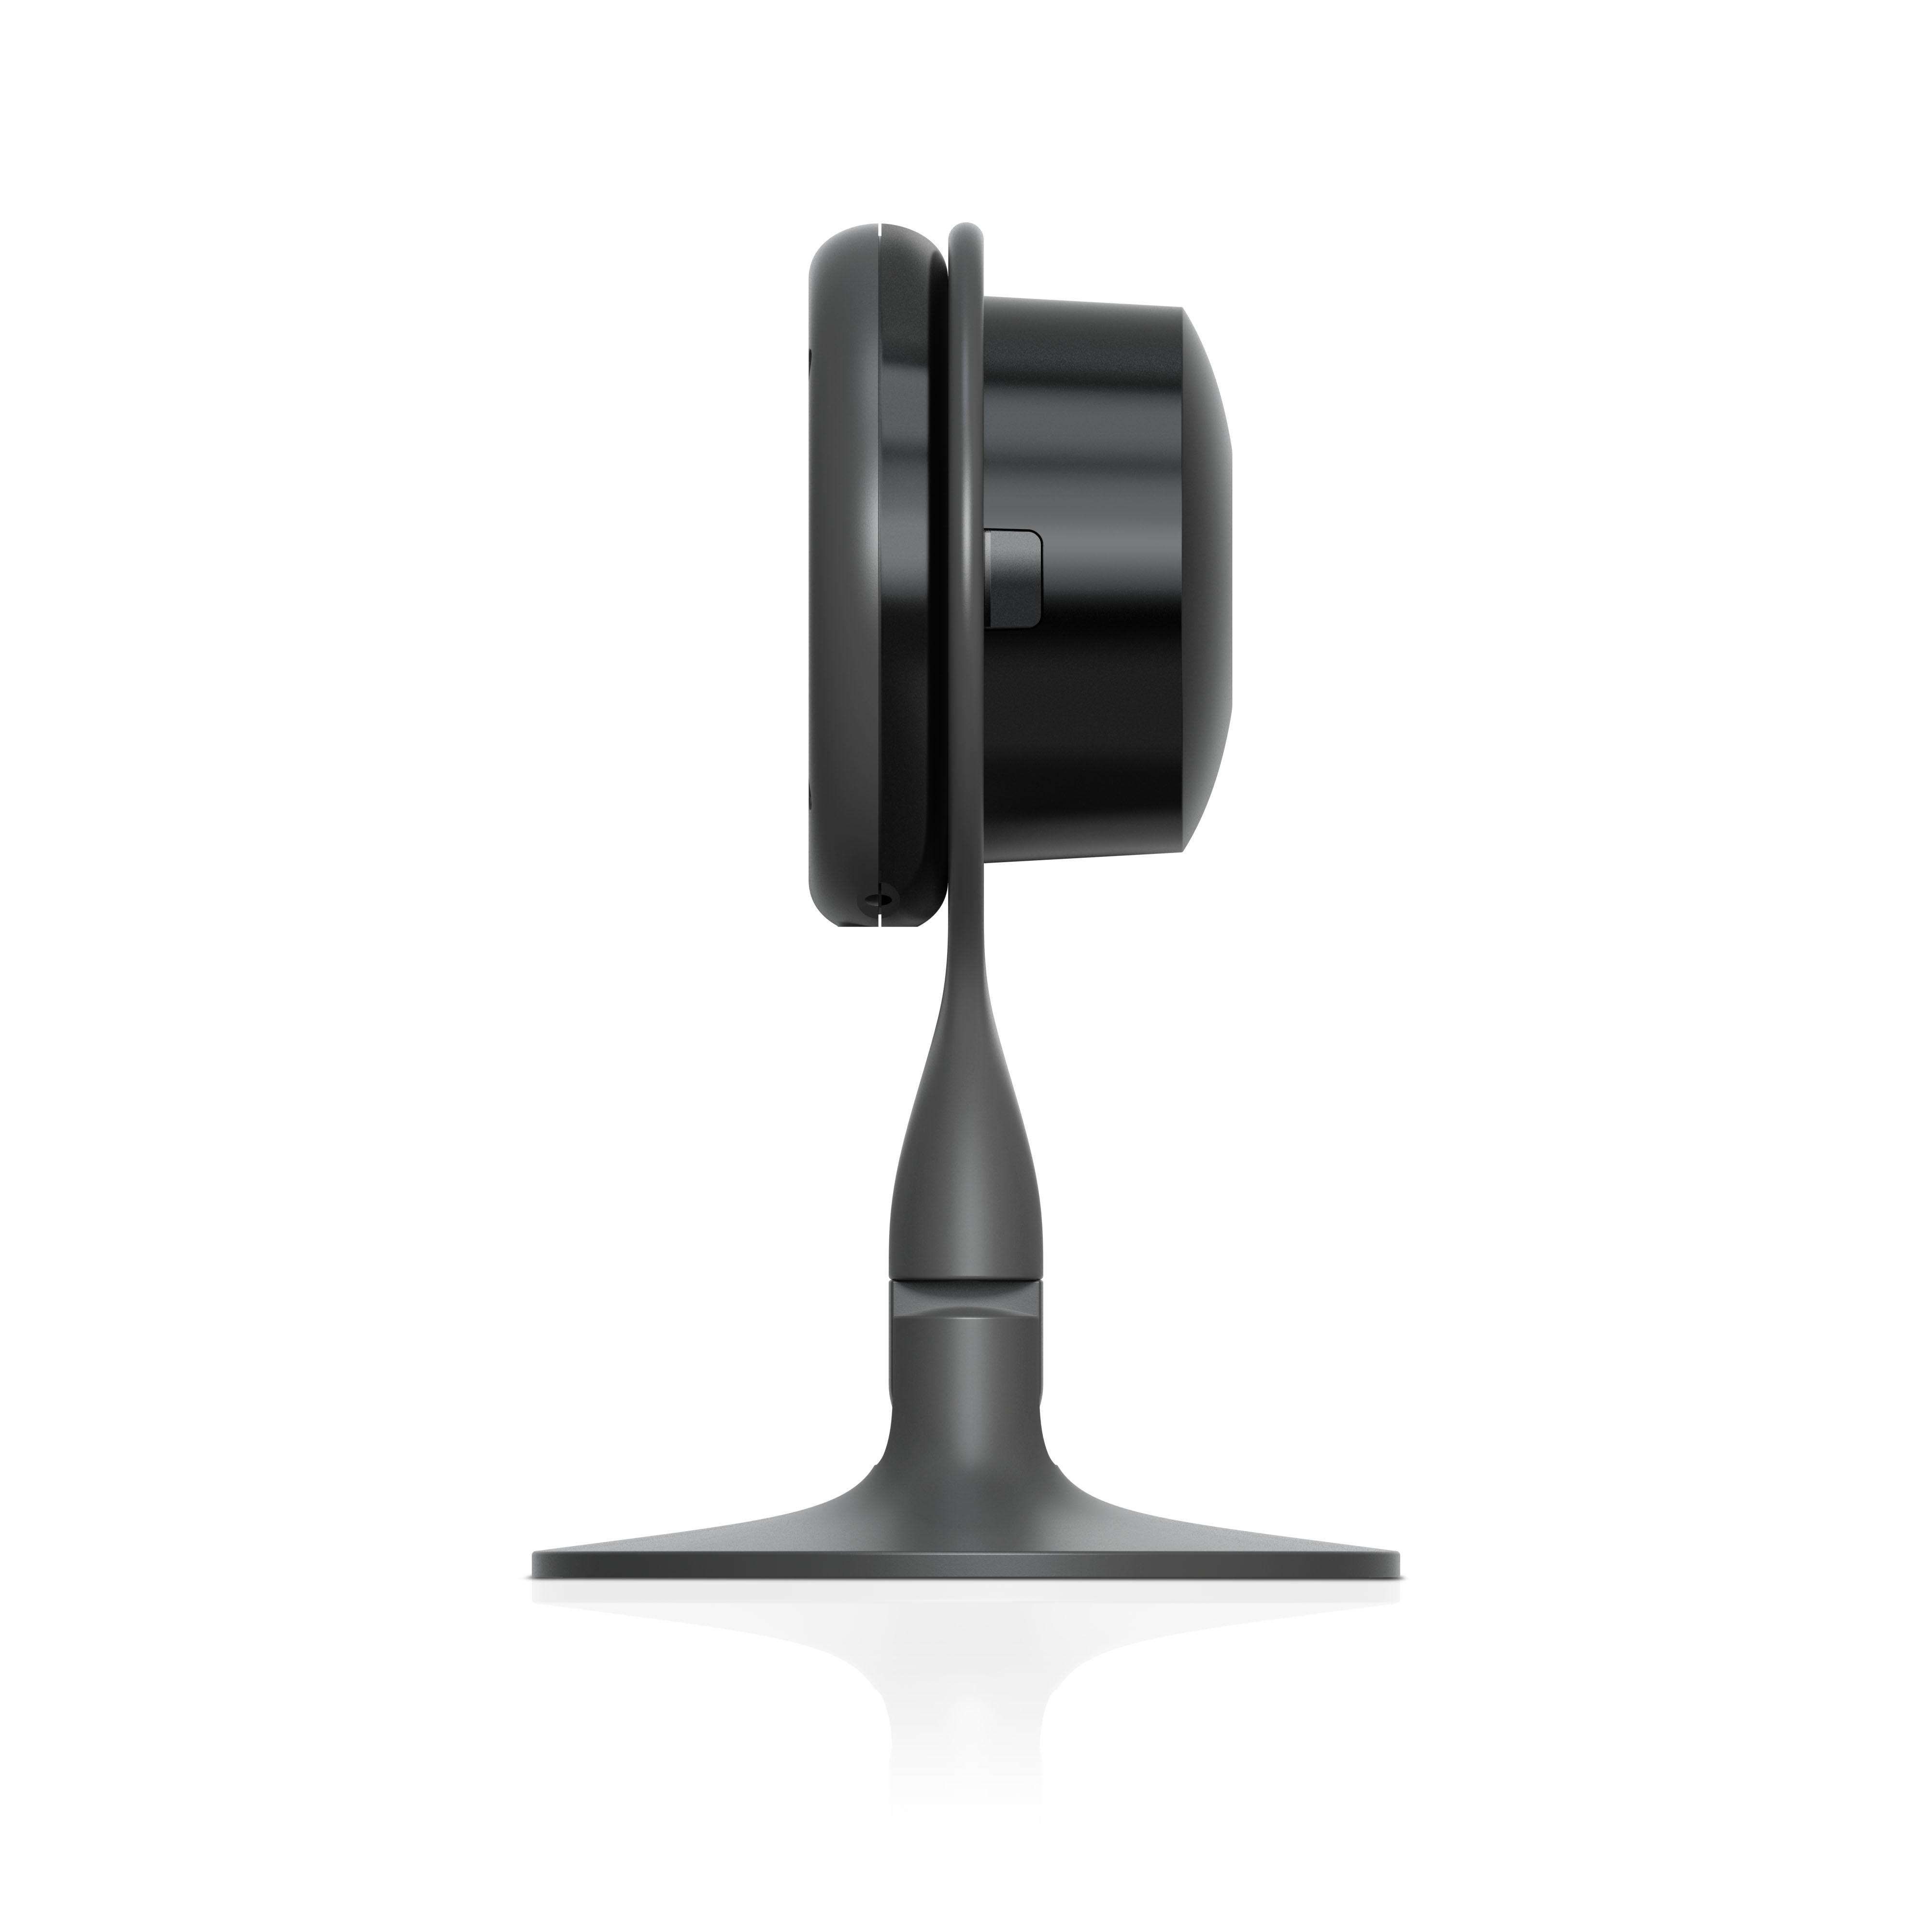 telecamera di videosorveglianza per interni nest - lato sinistro